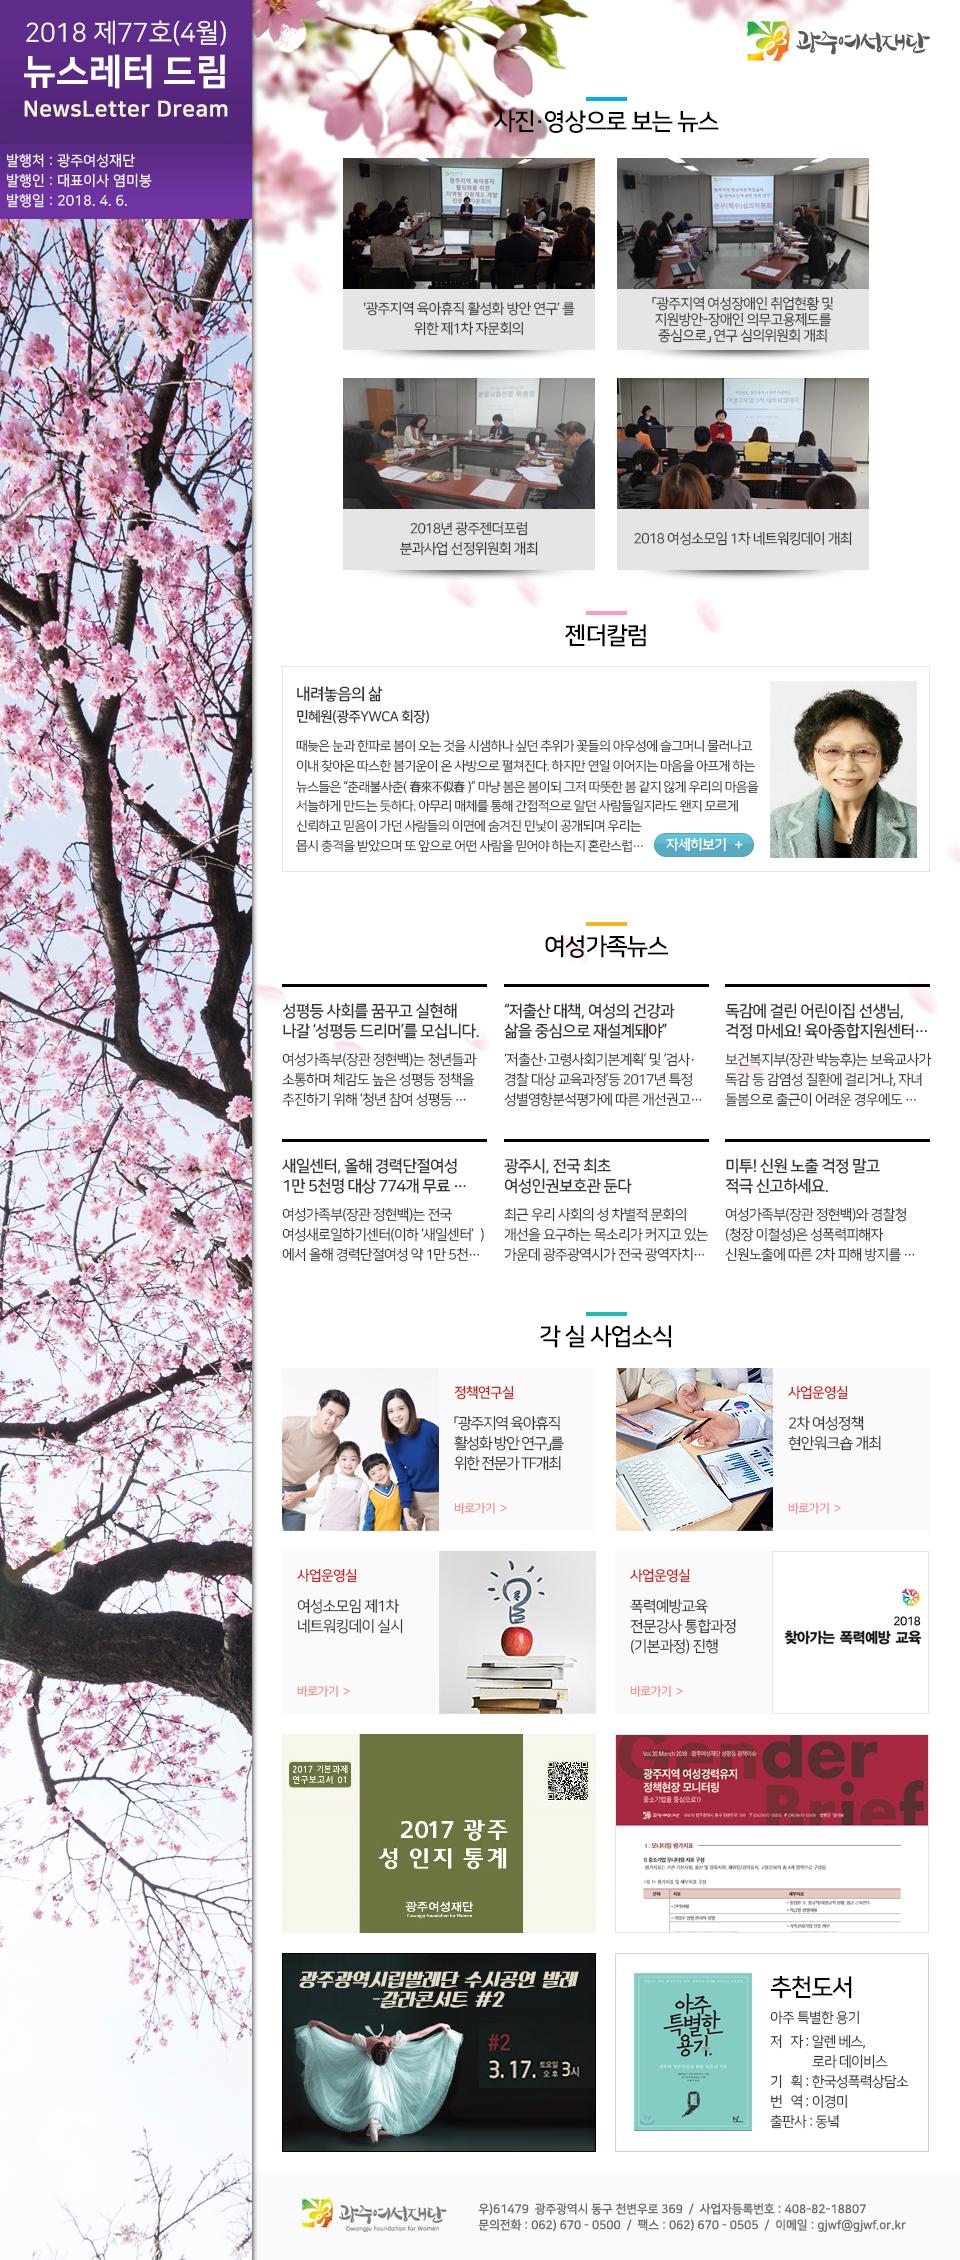 뉴스레터 드림 77호(18.04월) 썸네일